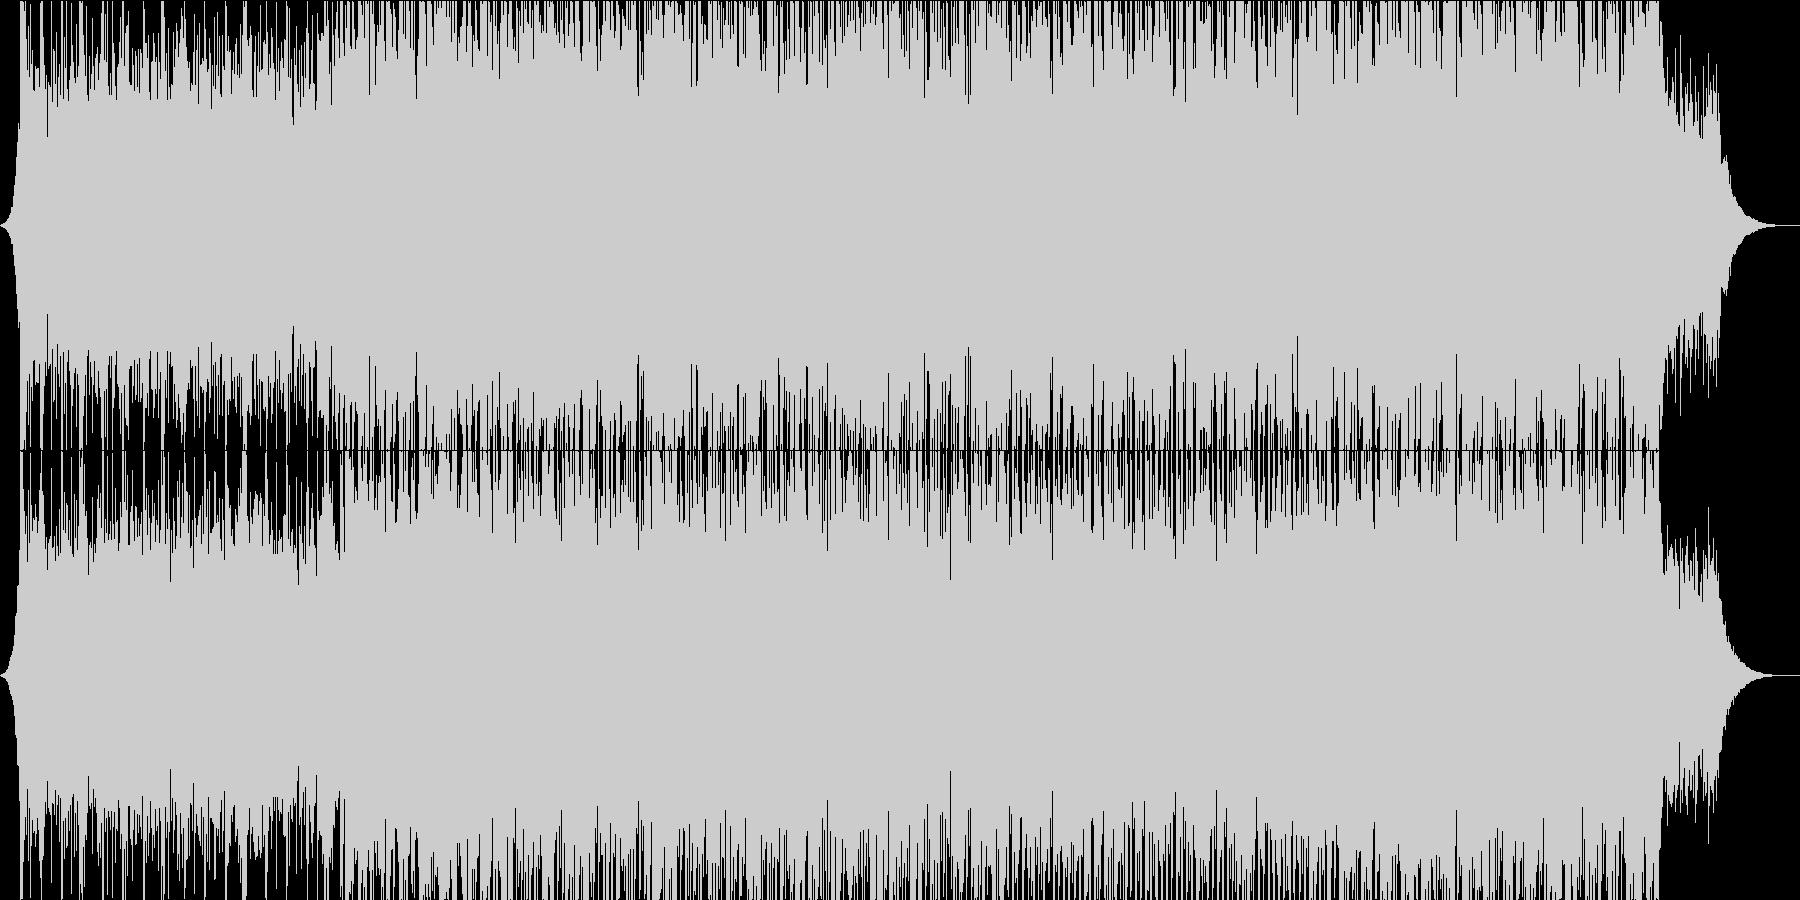 やる気を起こさせる、ポップロックの未再生の波形